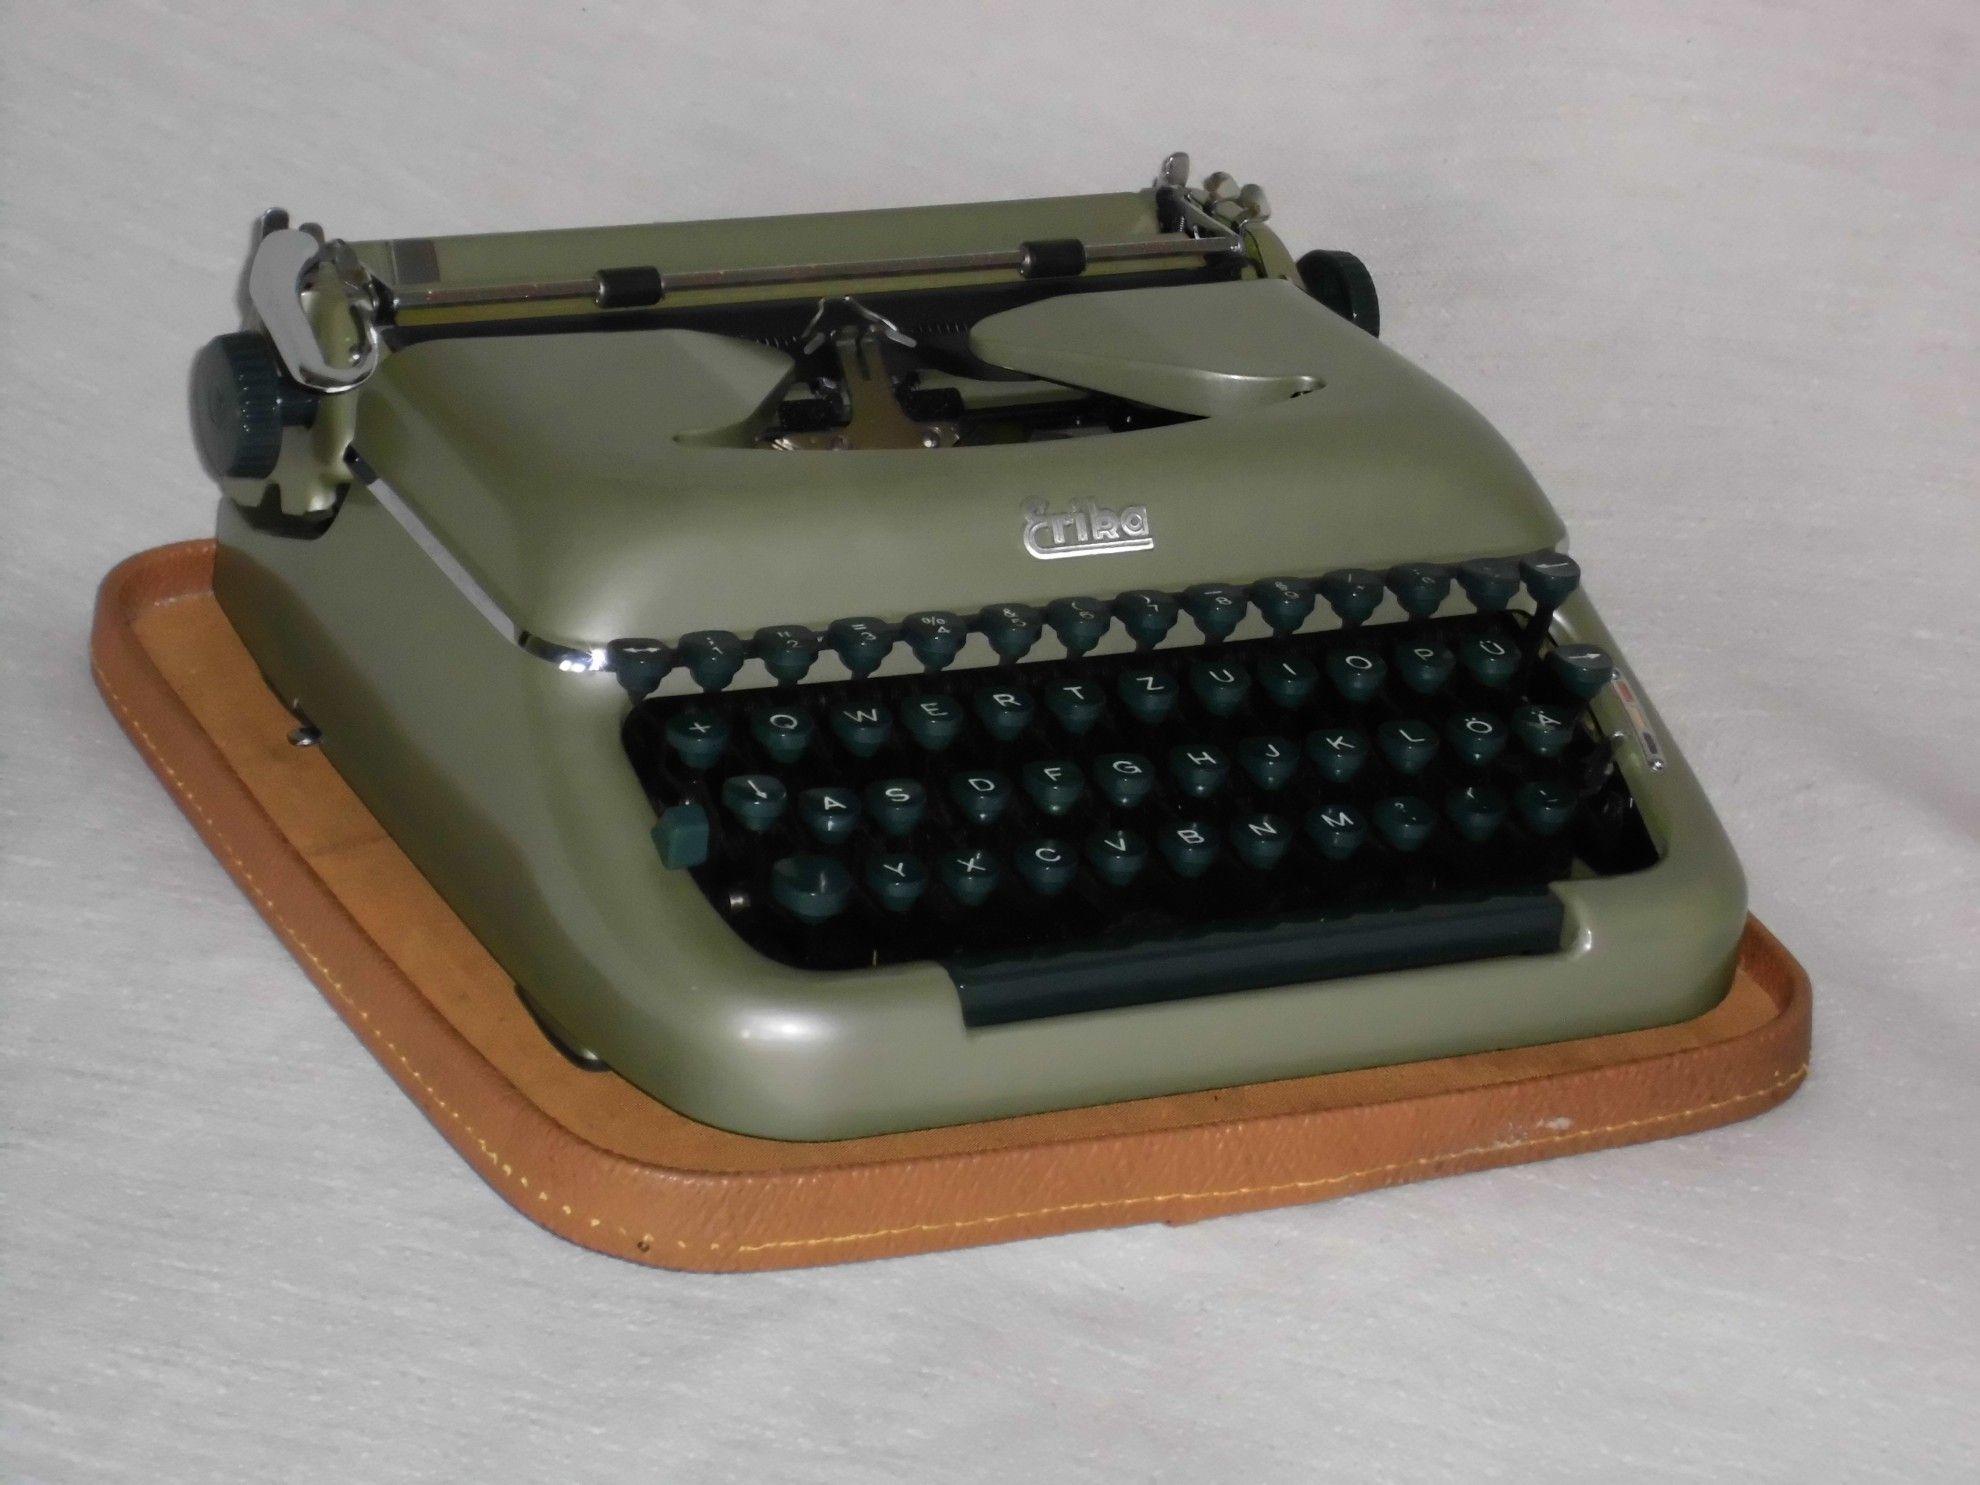 Mechanische Schreibmaschine Erika 10 mechanical typewriter